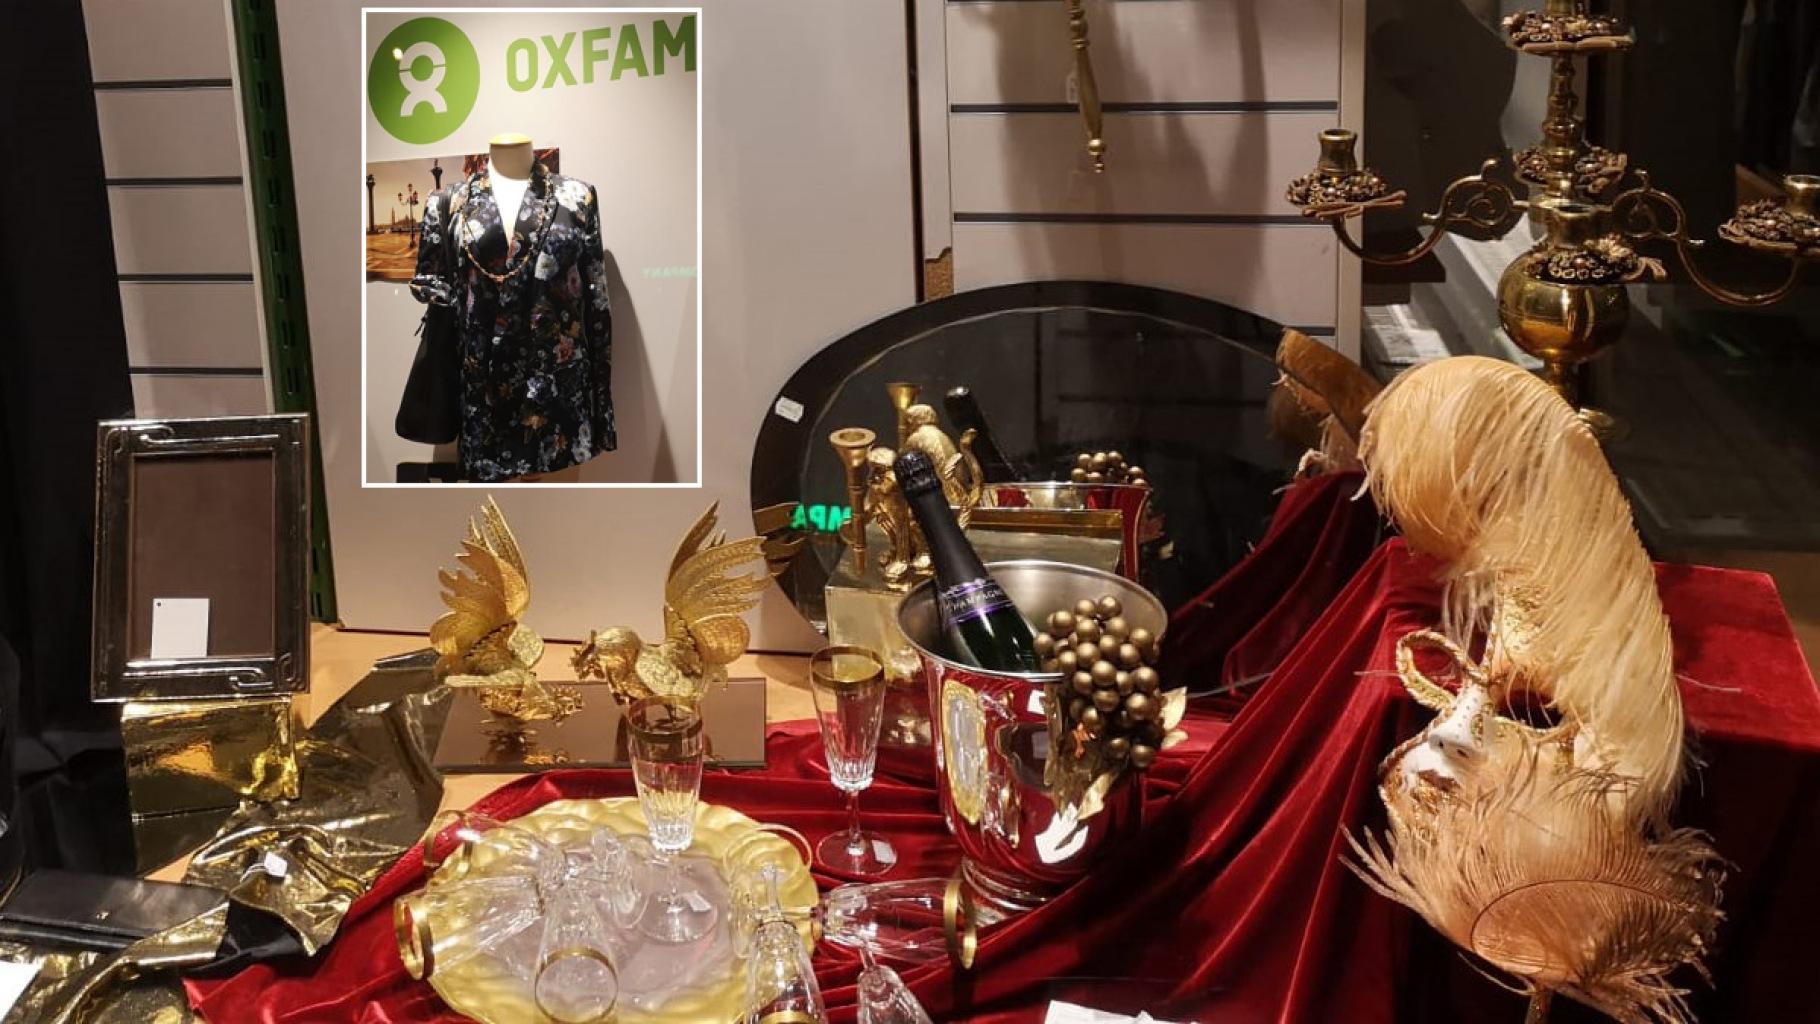 Schaufenster des Oxfam Shops in Hamburg-Hoheluft